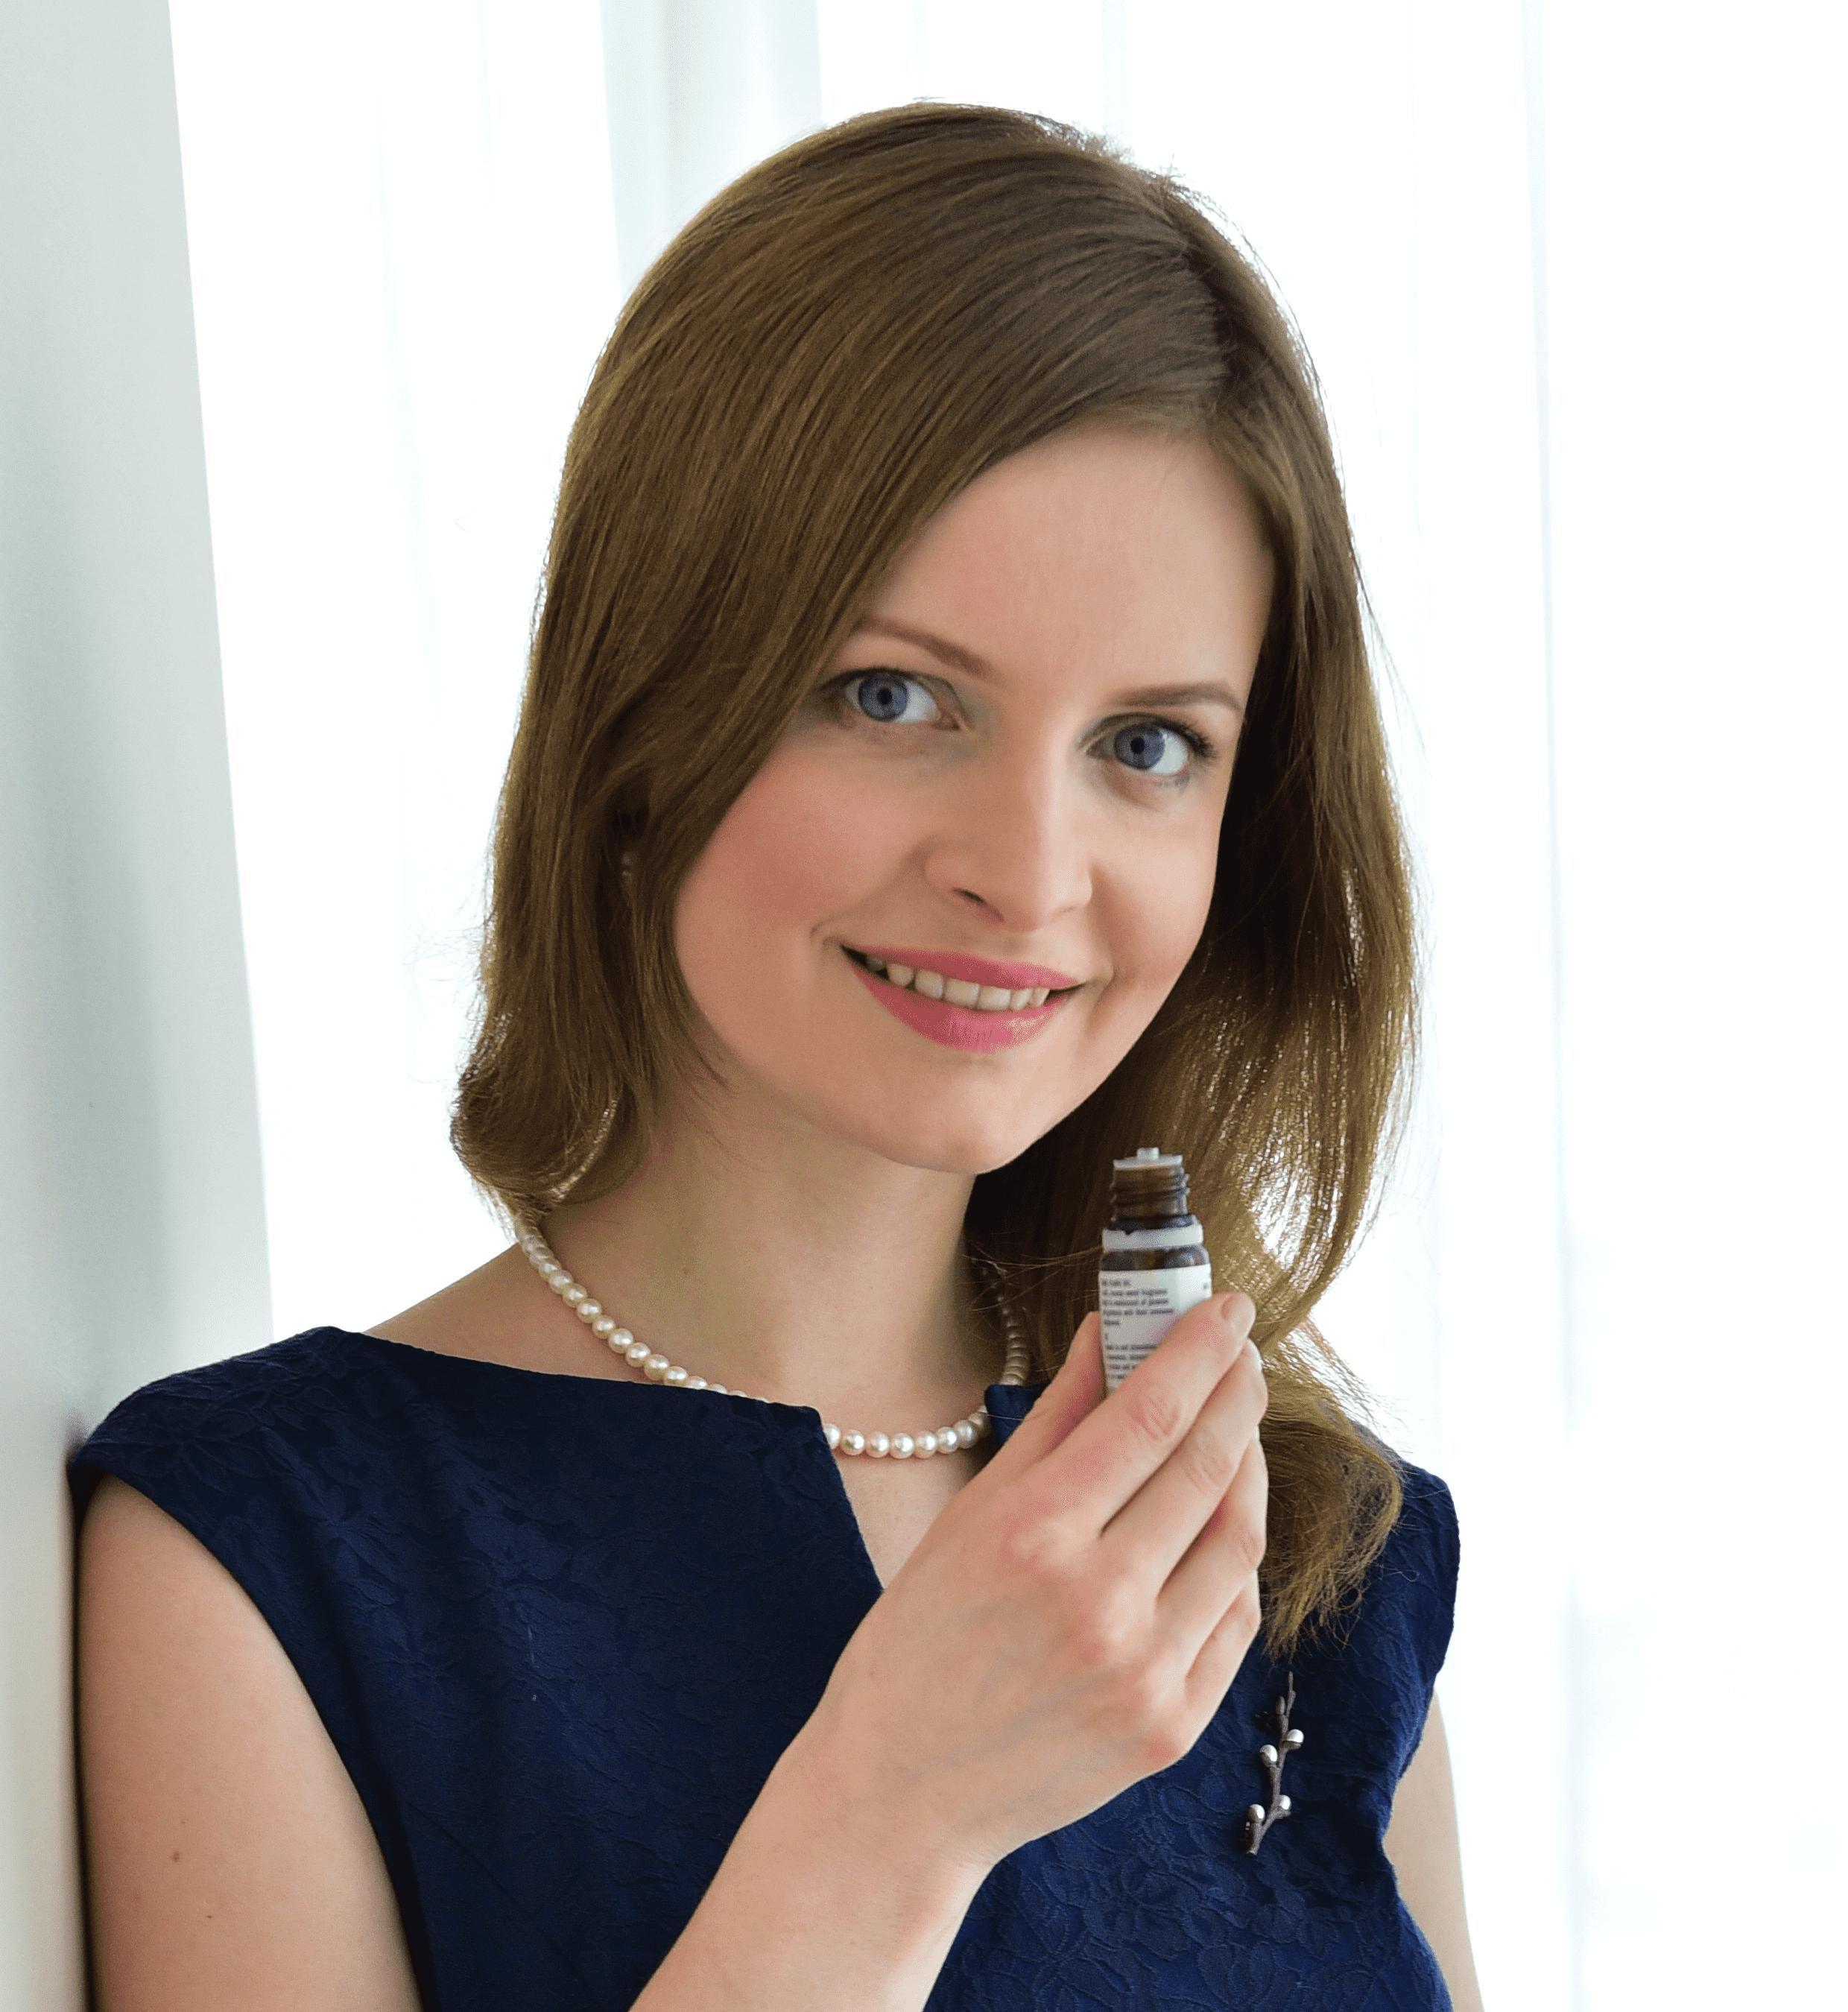 Психолог Владимирова Анна